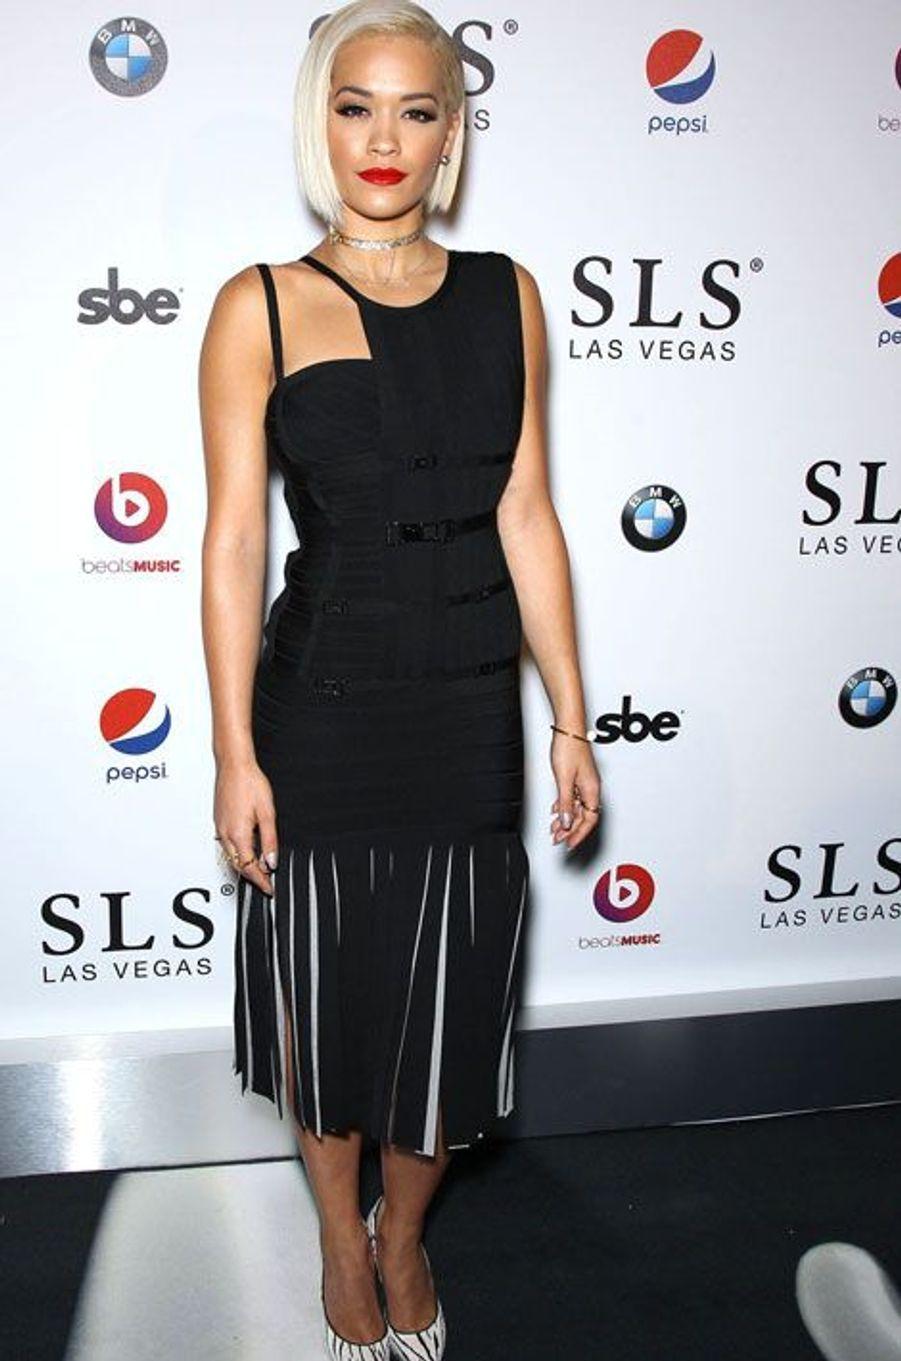 La chanteuse britannique Rita Ora penadant une soirée à Las Vegas, le 22 août 2014